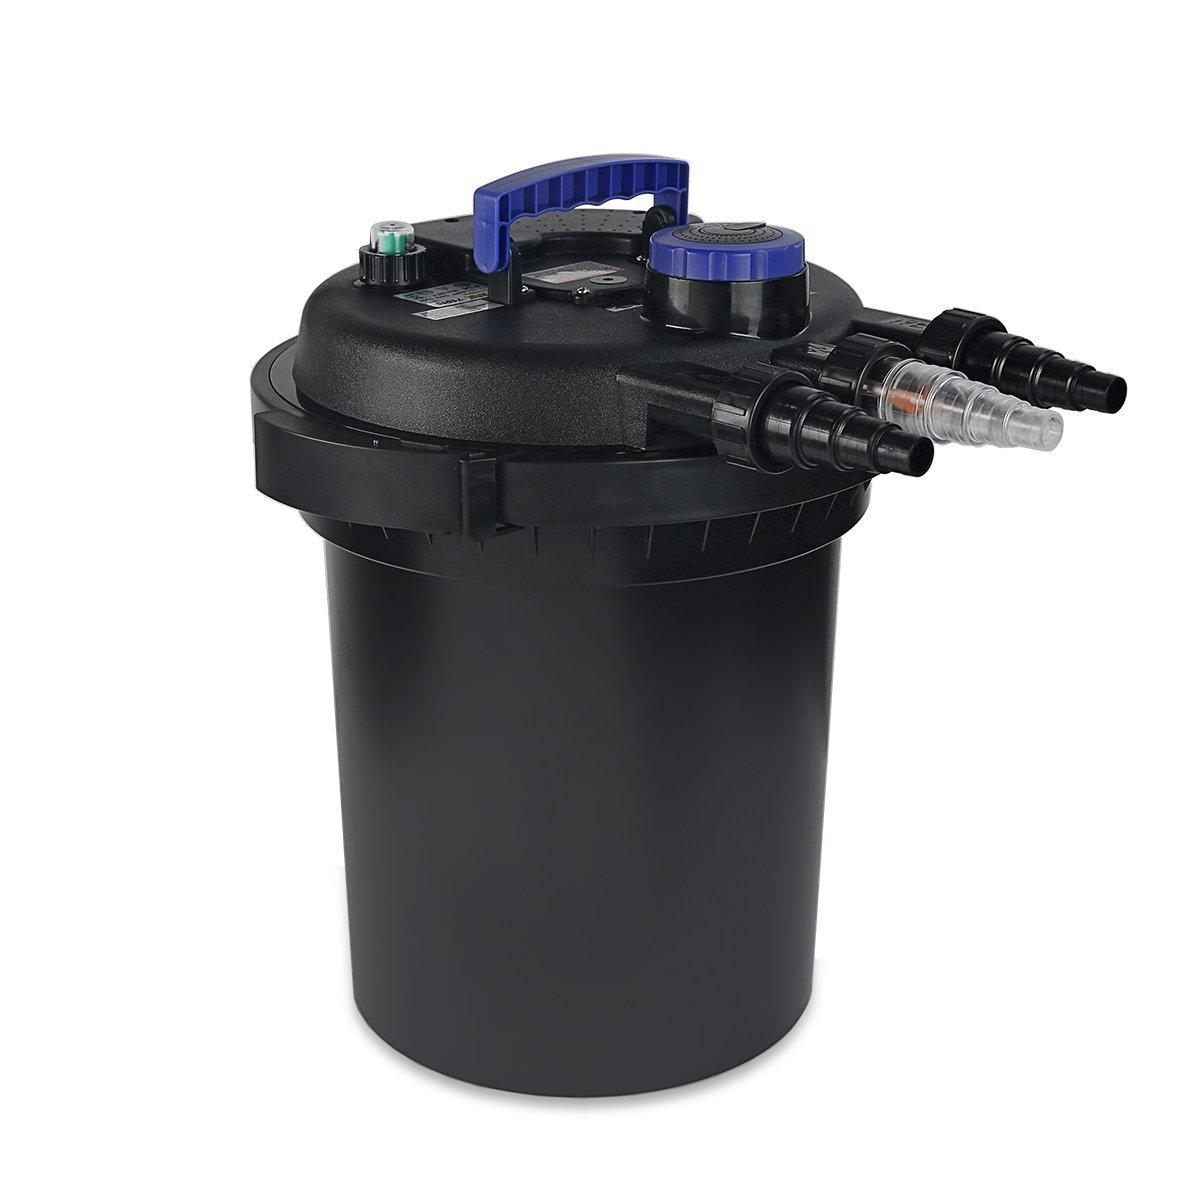 XtremepowerUS 10000 koi Pond Pressure Bio Filter UV Sterilizer